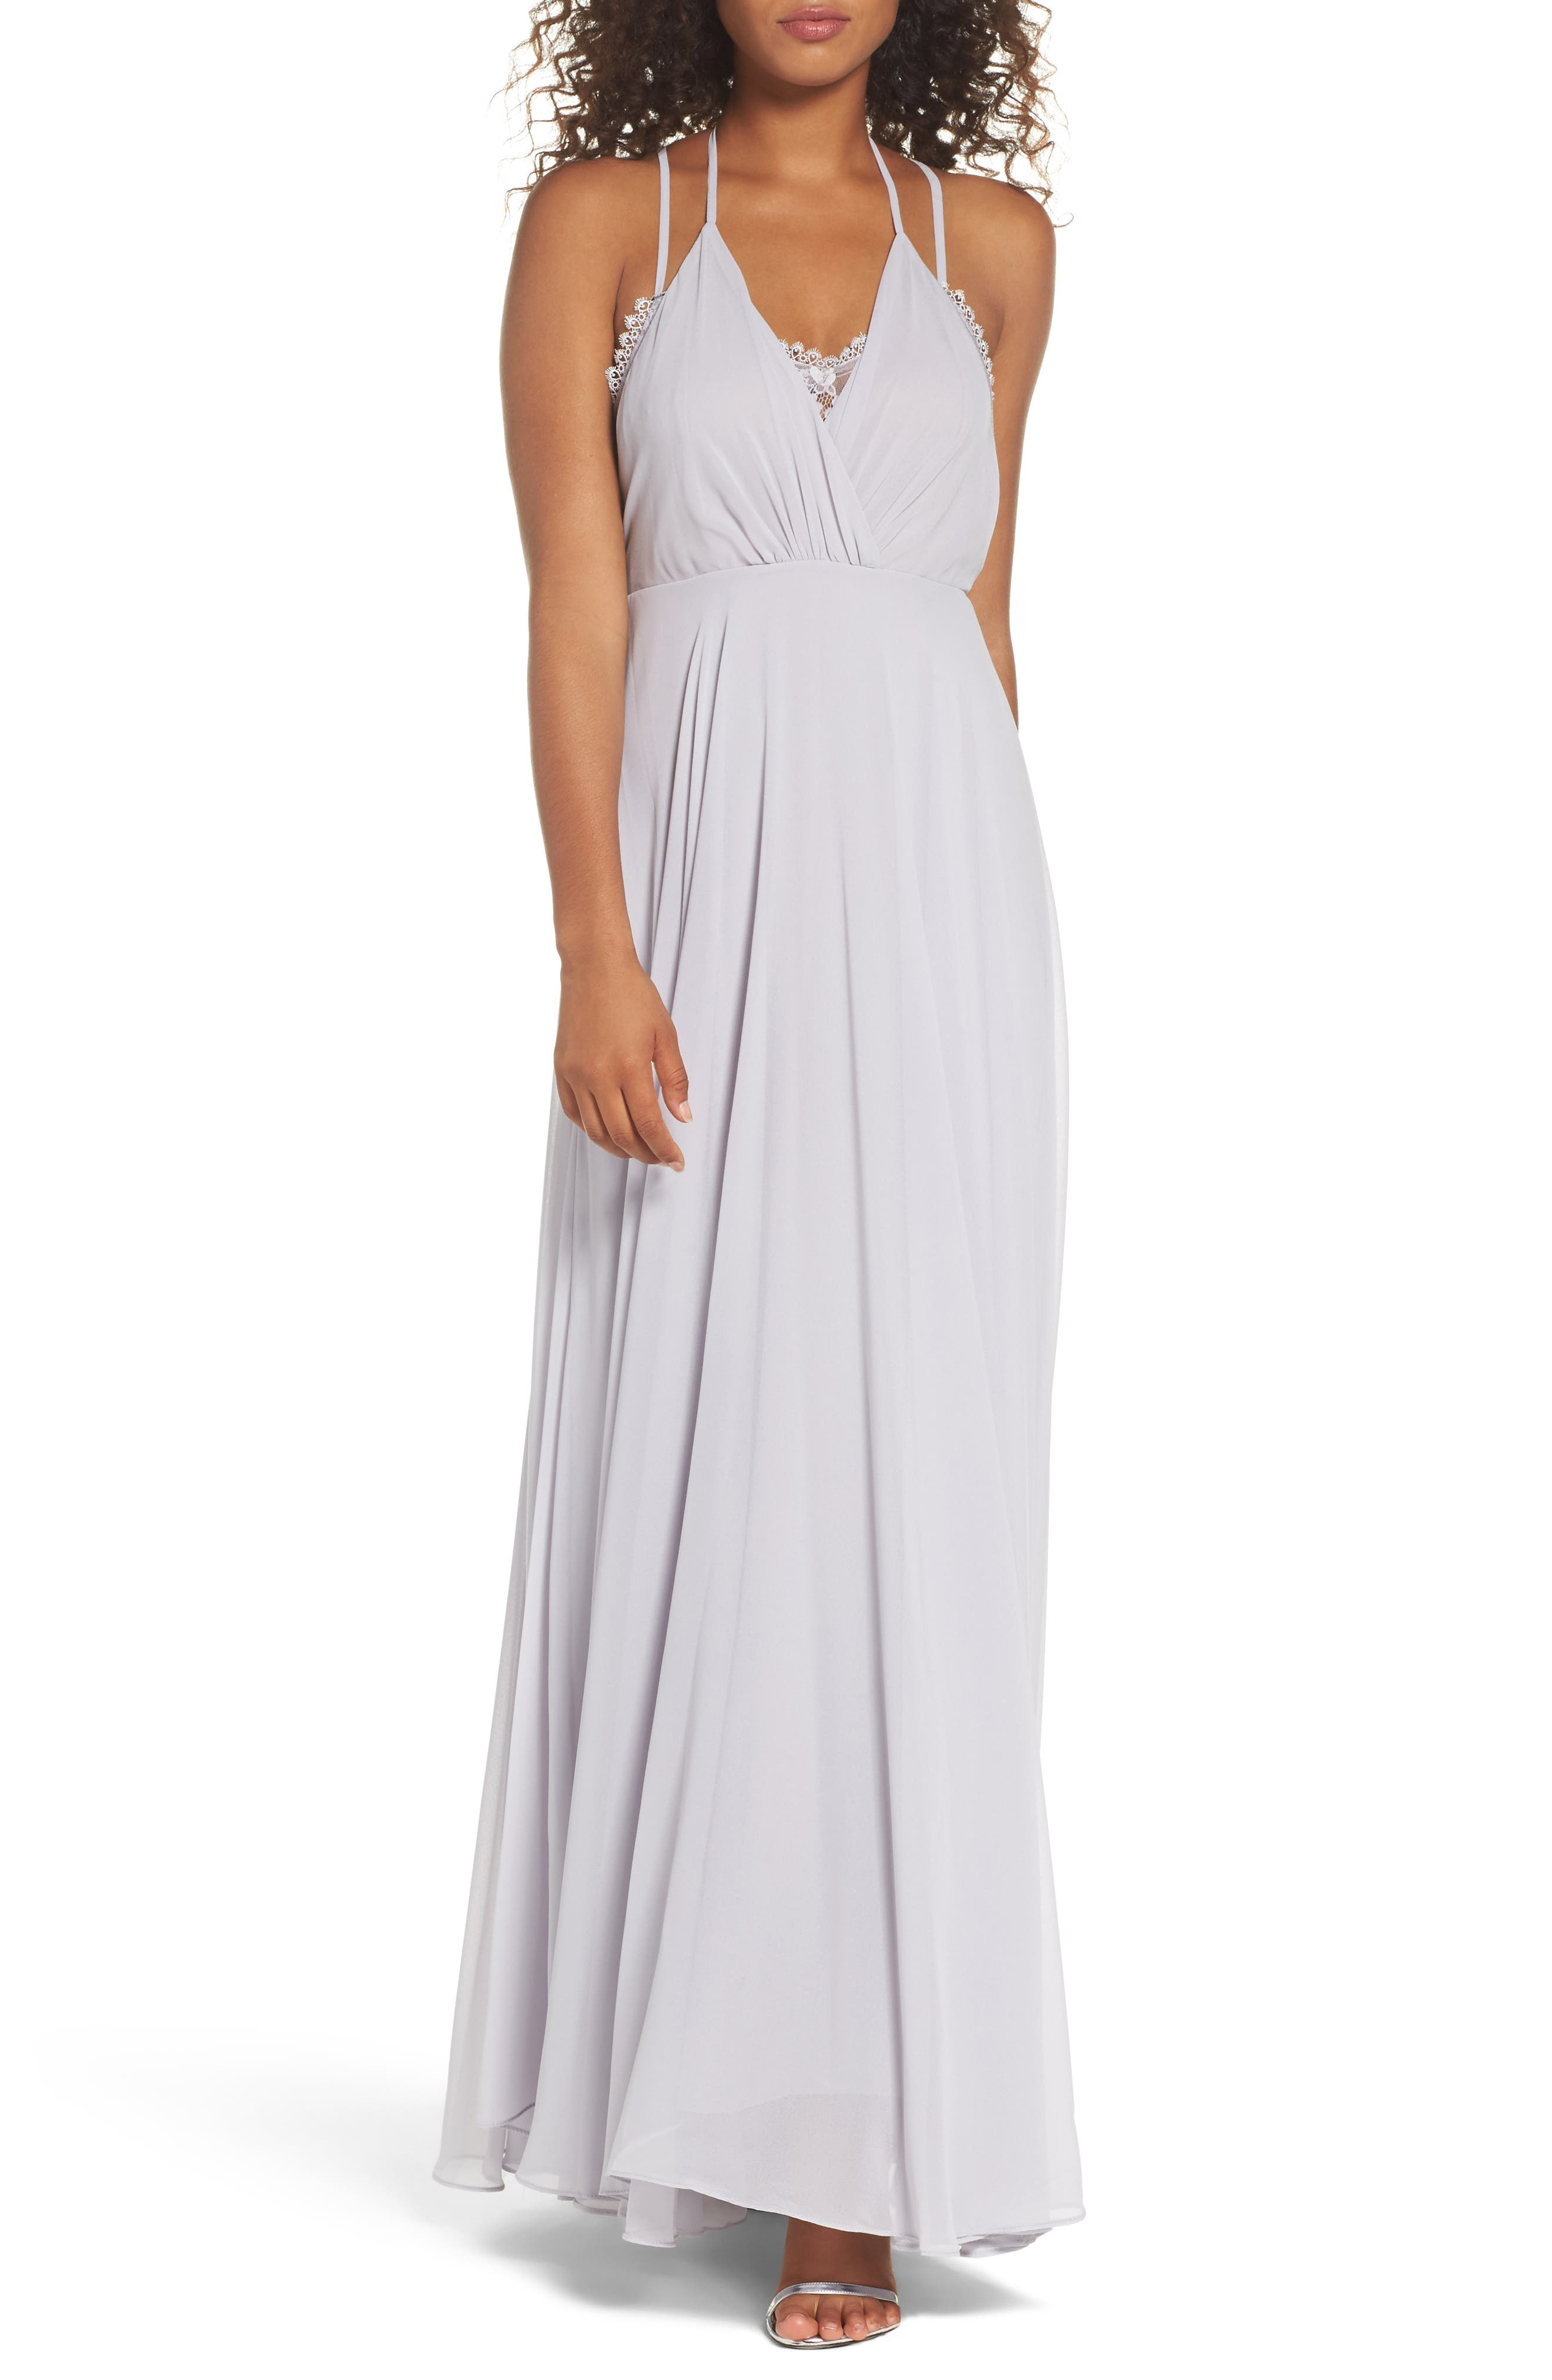 Main Image - Lulus Celebrate the Moment Lace Trim Chiffon Maxi Dress